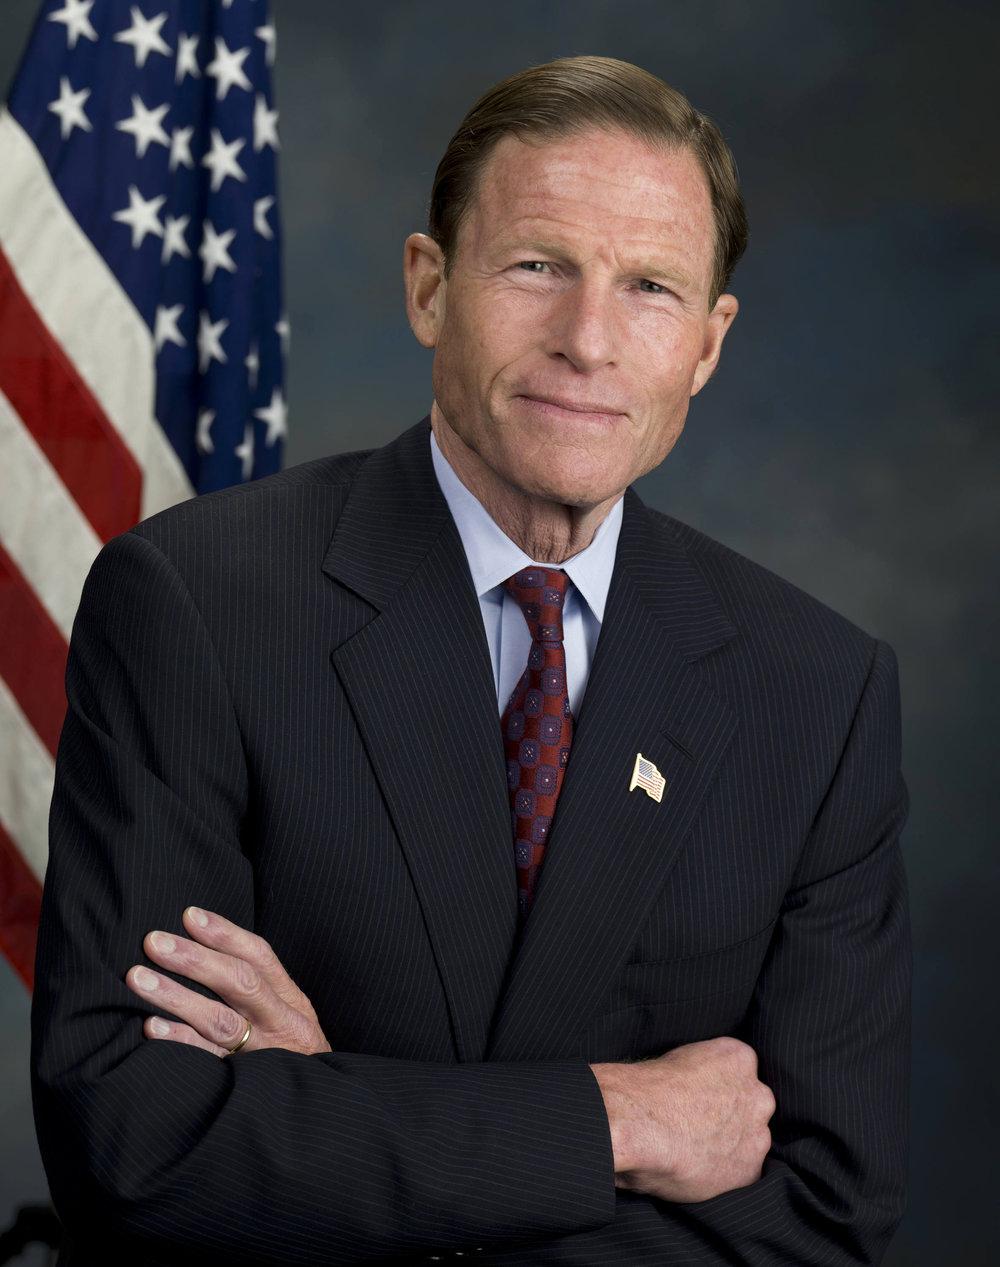 Sen. Richard Blumenthal (D-CT)